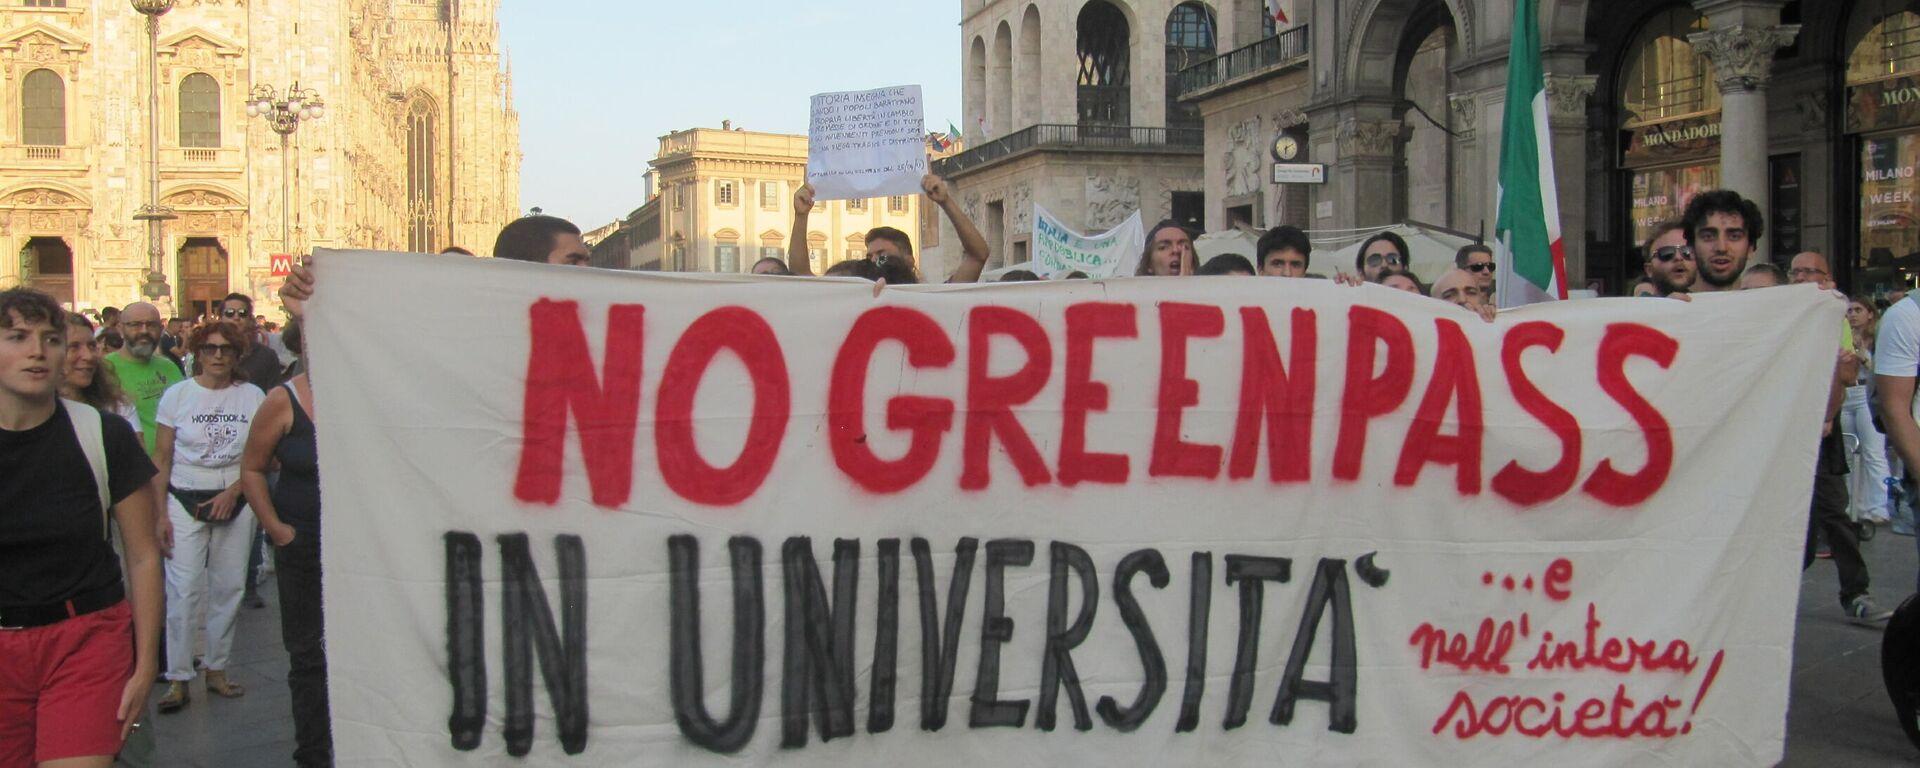 Milano manifestazione contro il Green Pass - Sputnik Italia, 1920, 29.09.2021